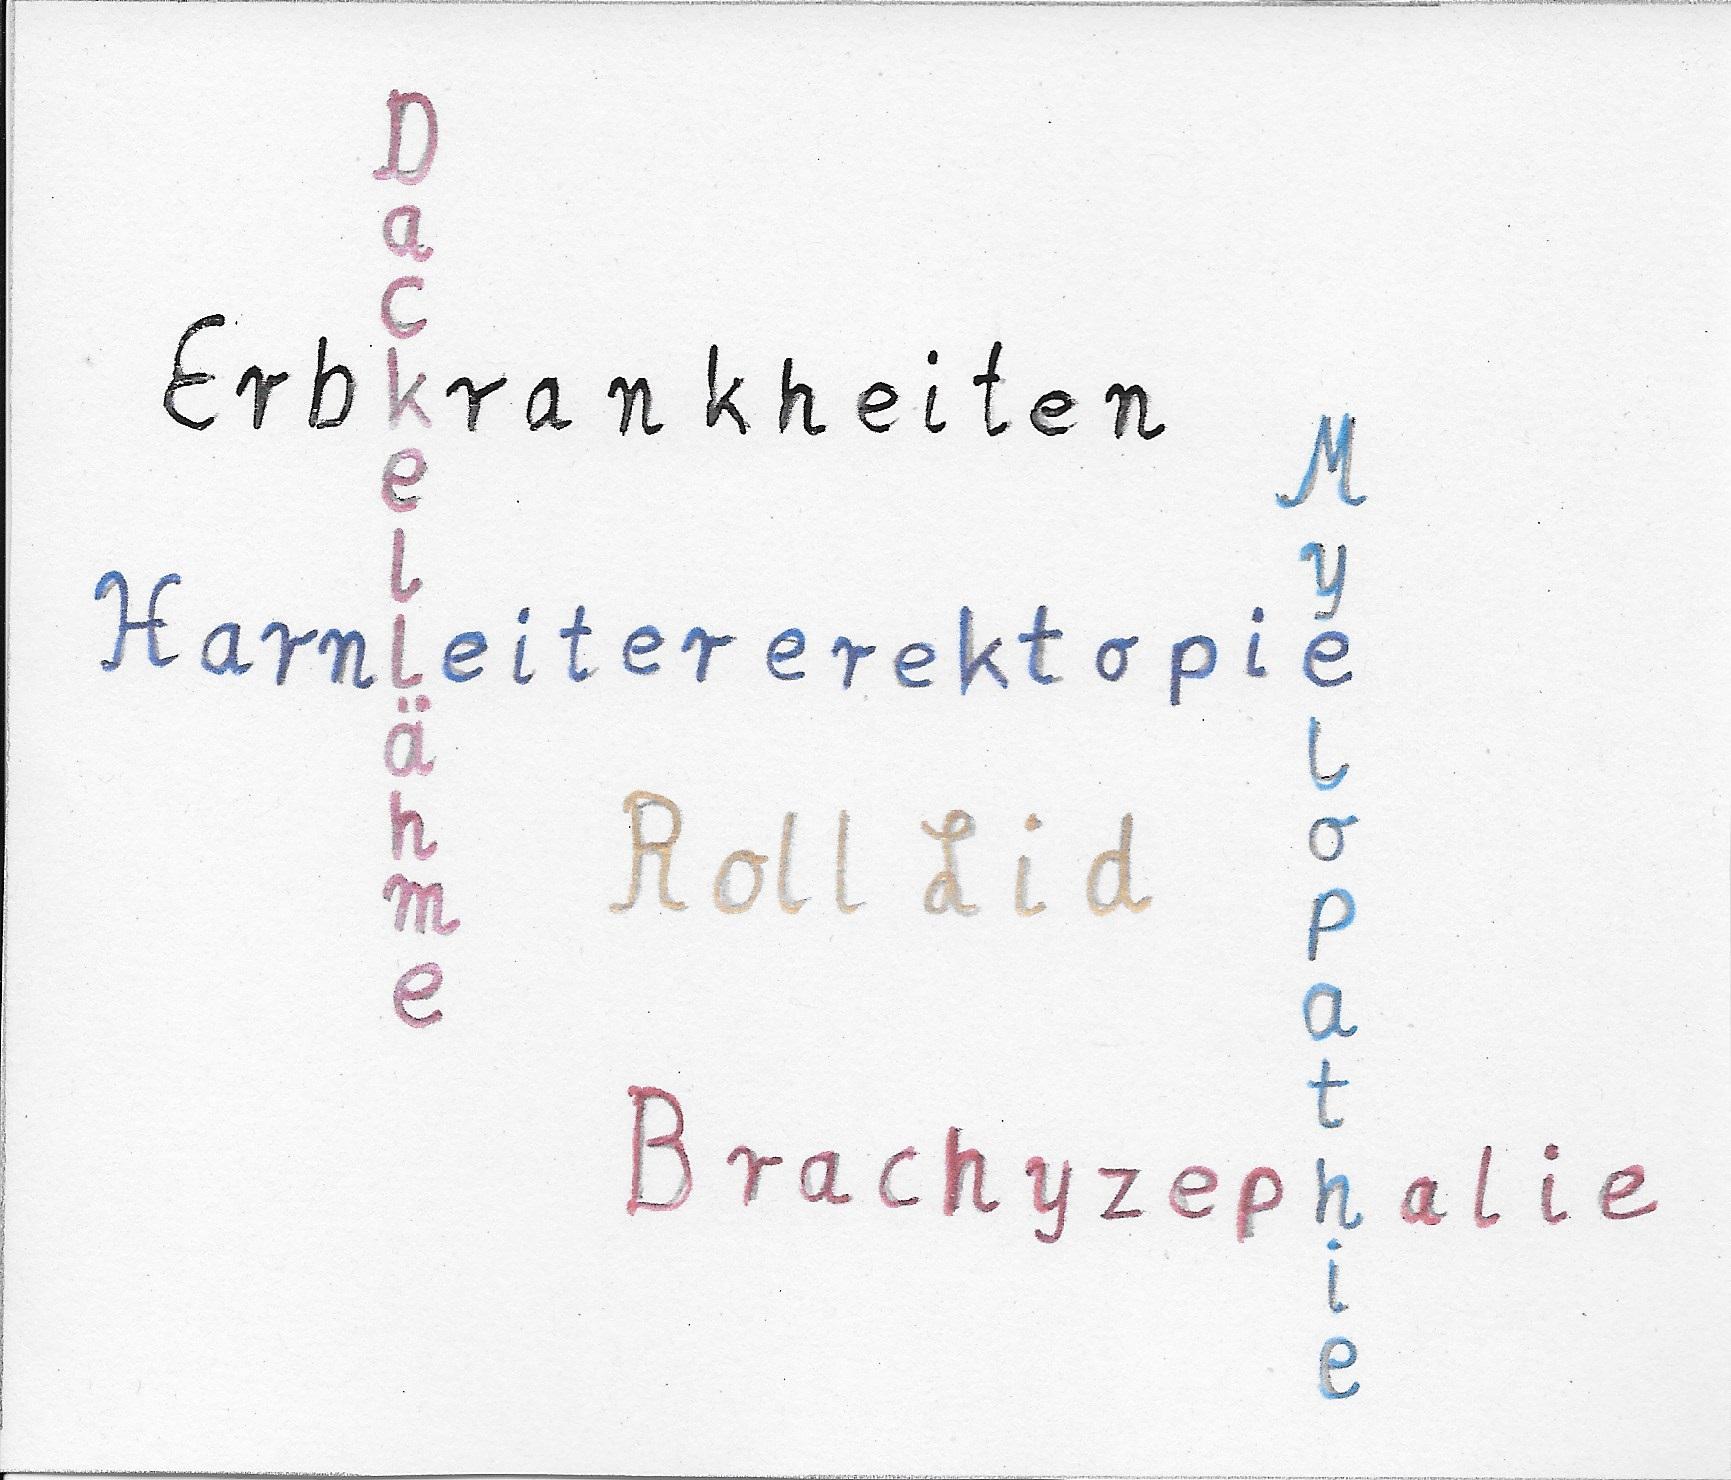 Erbkrankheiten Grafik mit allen Keywörtern der Beiträge der Kategorie Erbkrankheiten